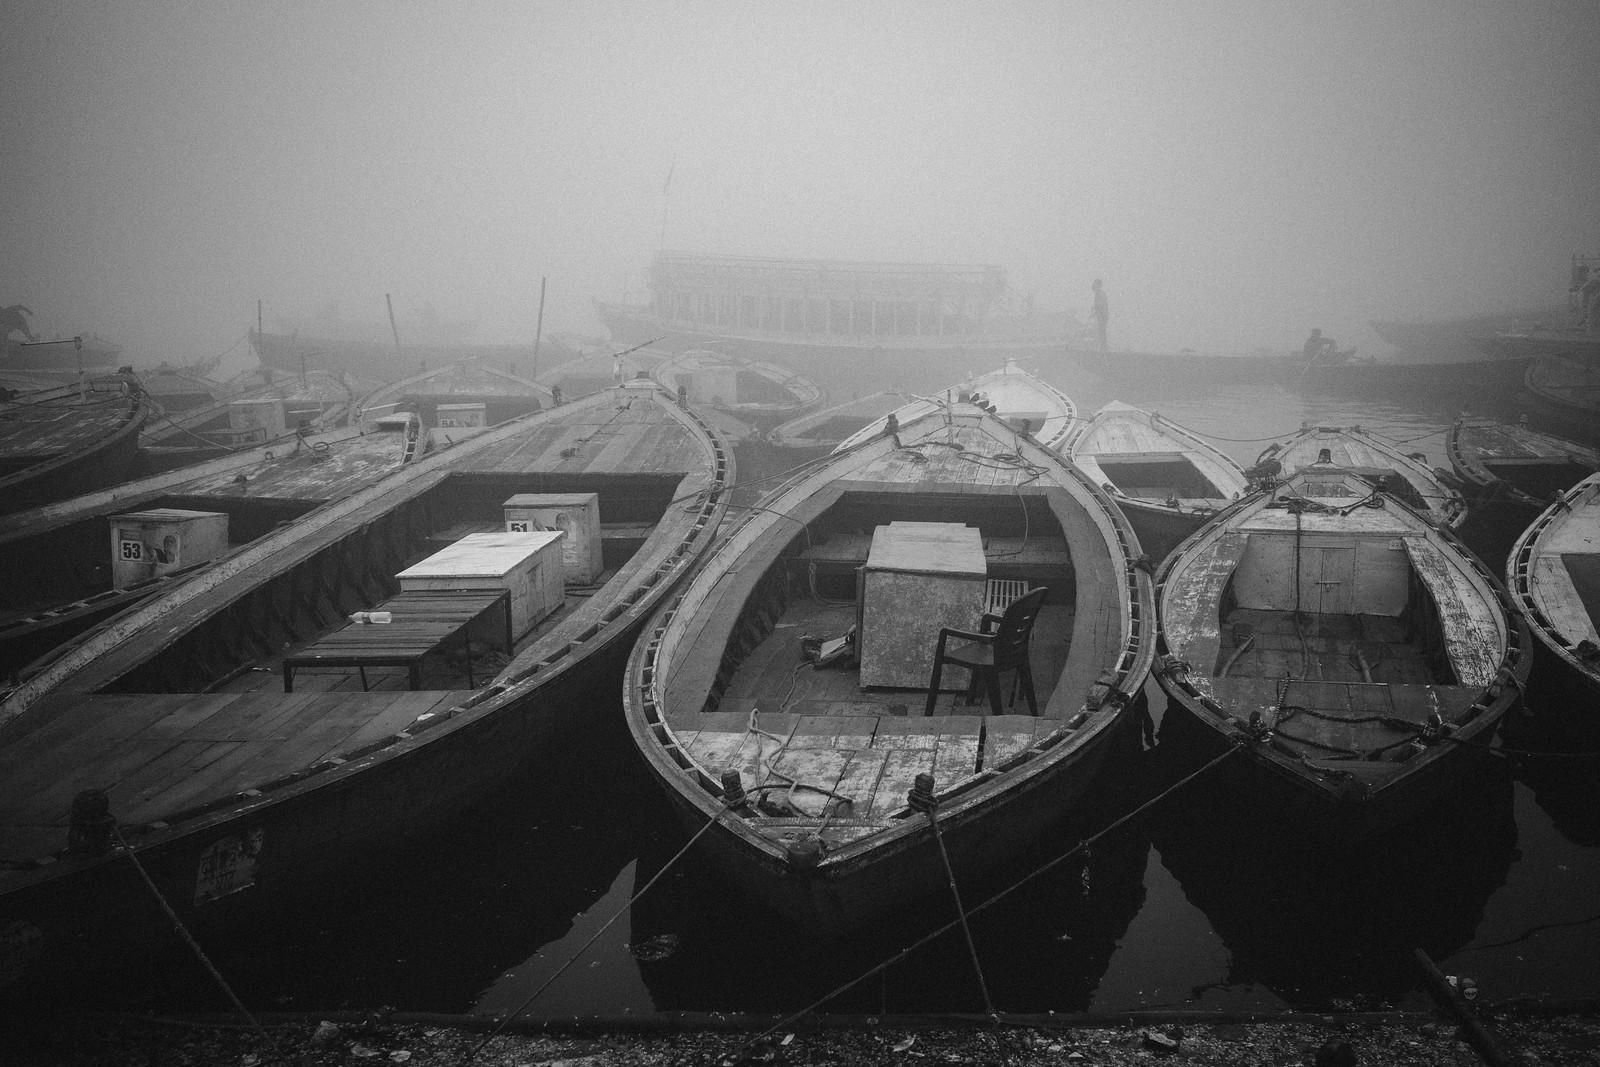 Ganges Fog, Fujifilm X-T2, XF23mmF1.4 R